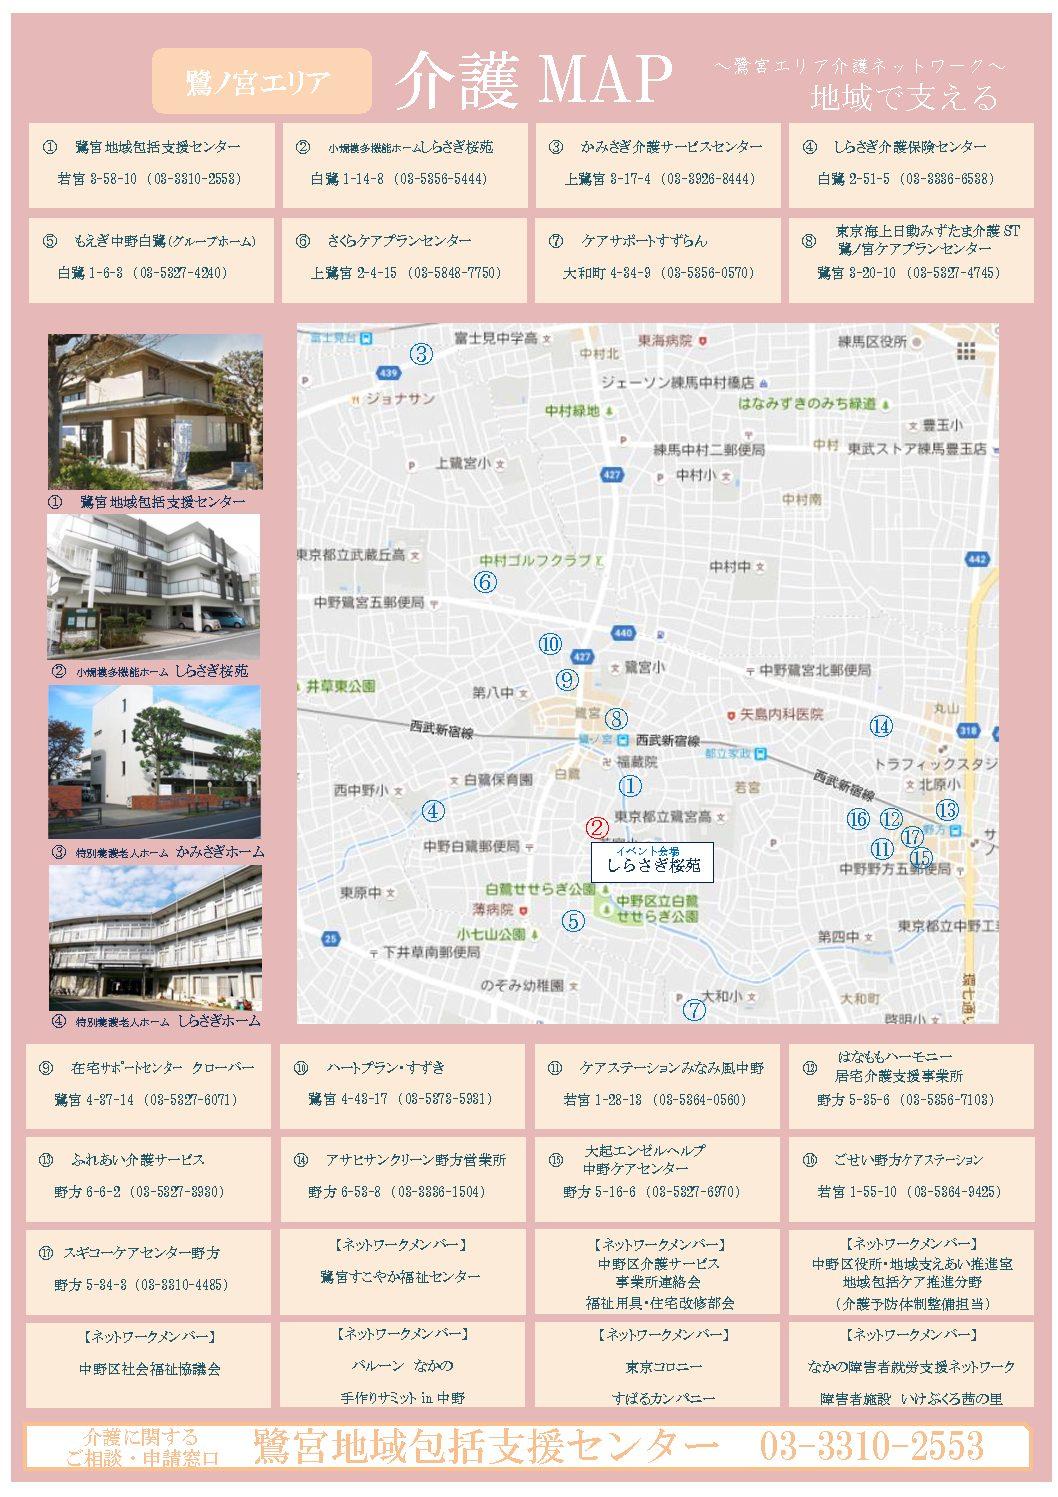 鷺宮エリア介護マップ